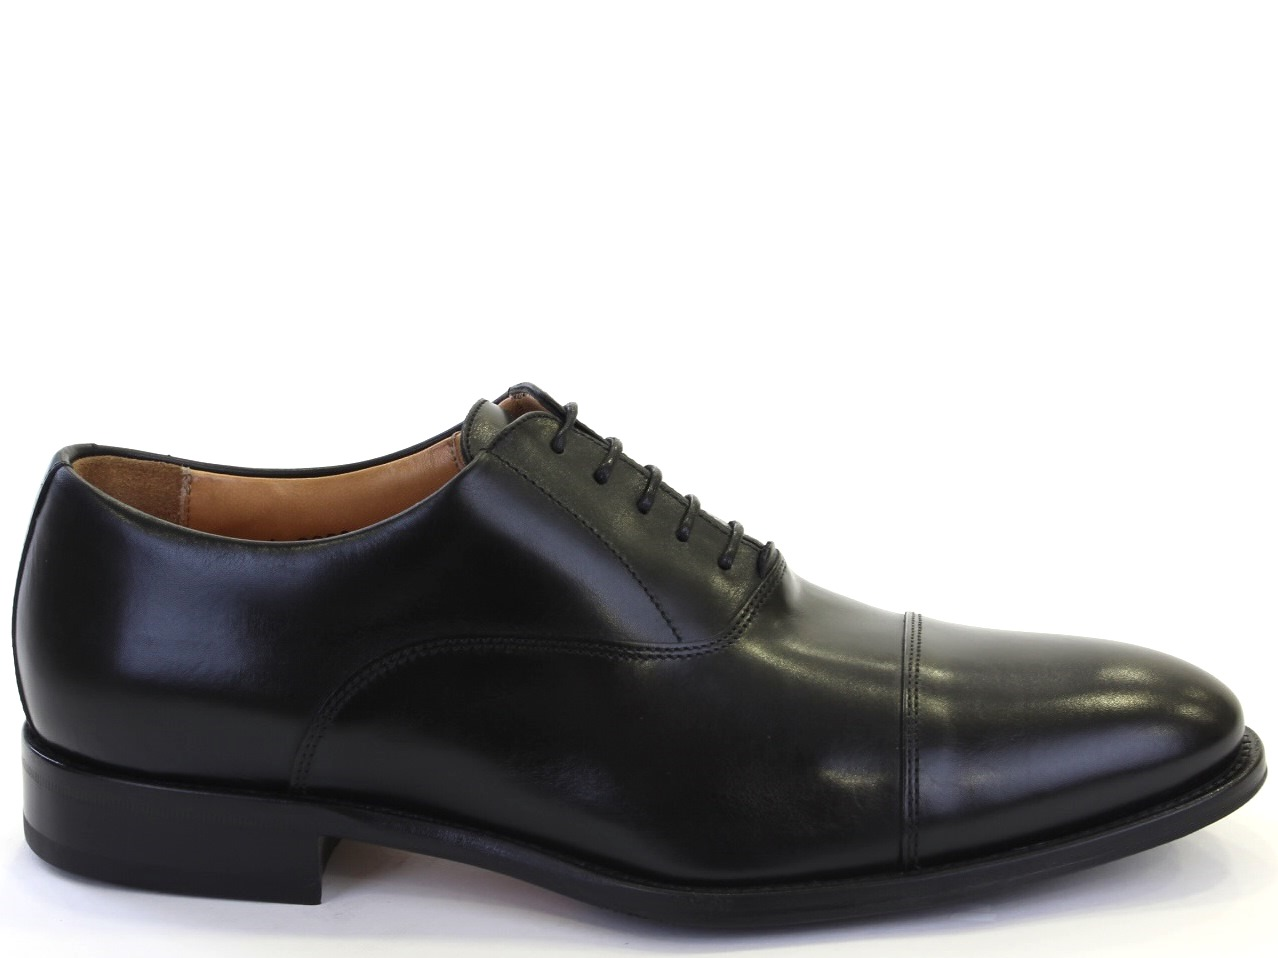 Lace Shoes Armando Silva - 405 A20089 10